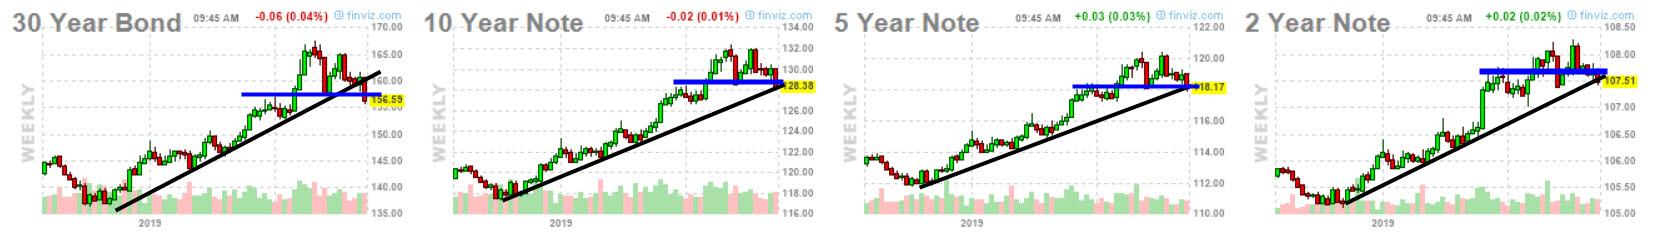 Futuros de bonos y notas USA en momento crítico